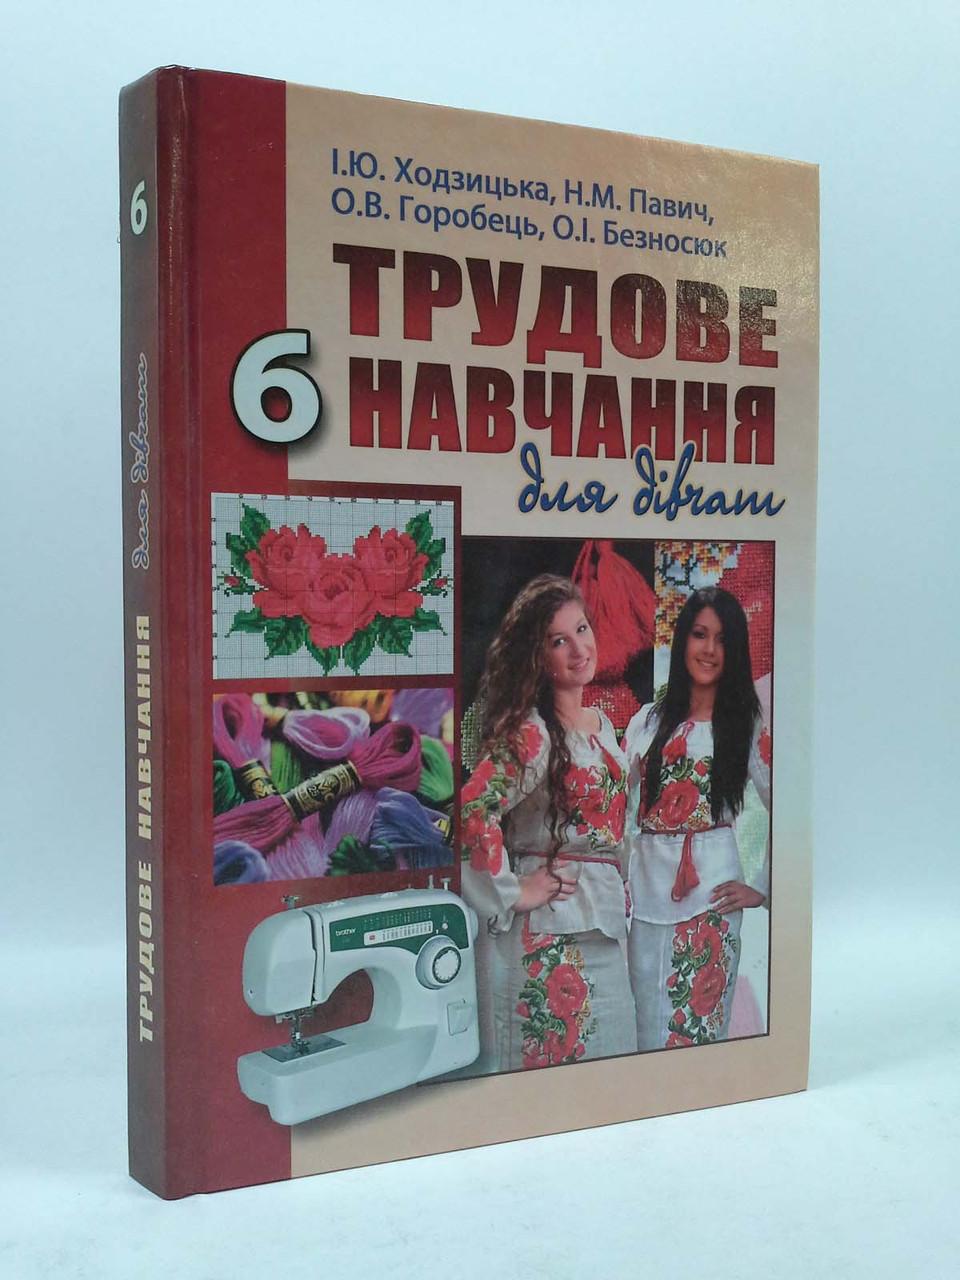 Трудове навчання 6 клас (для дівчат) Ходзицька Аксіома